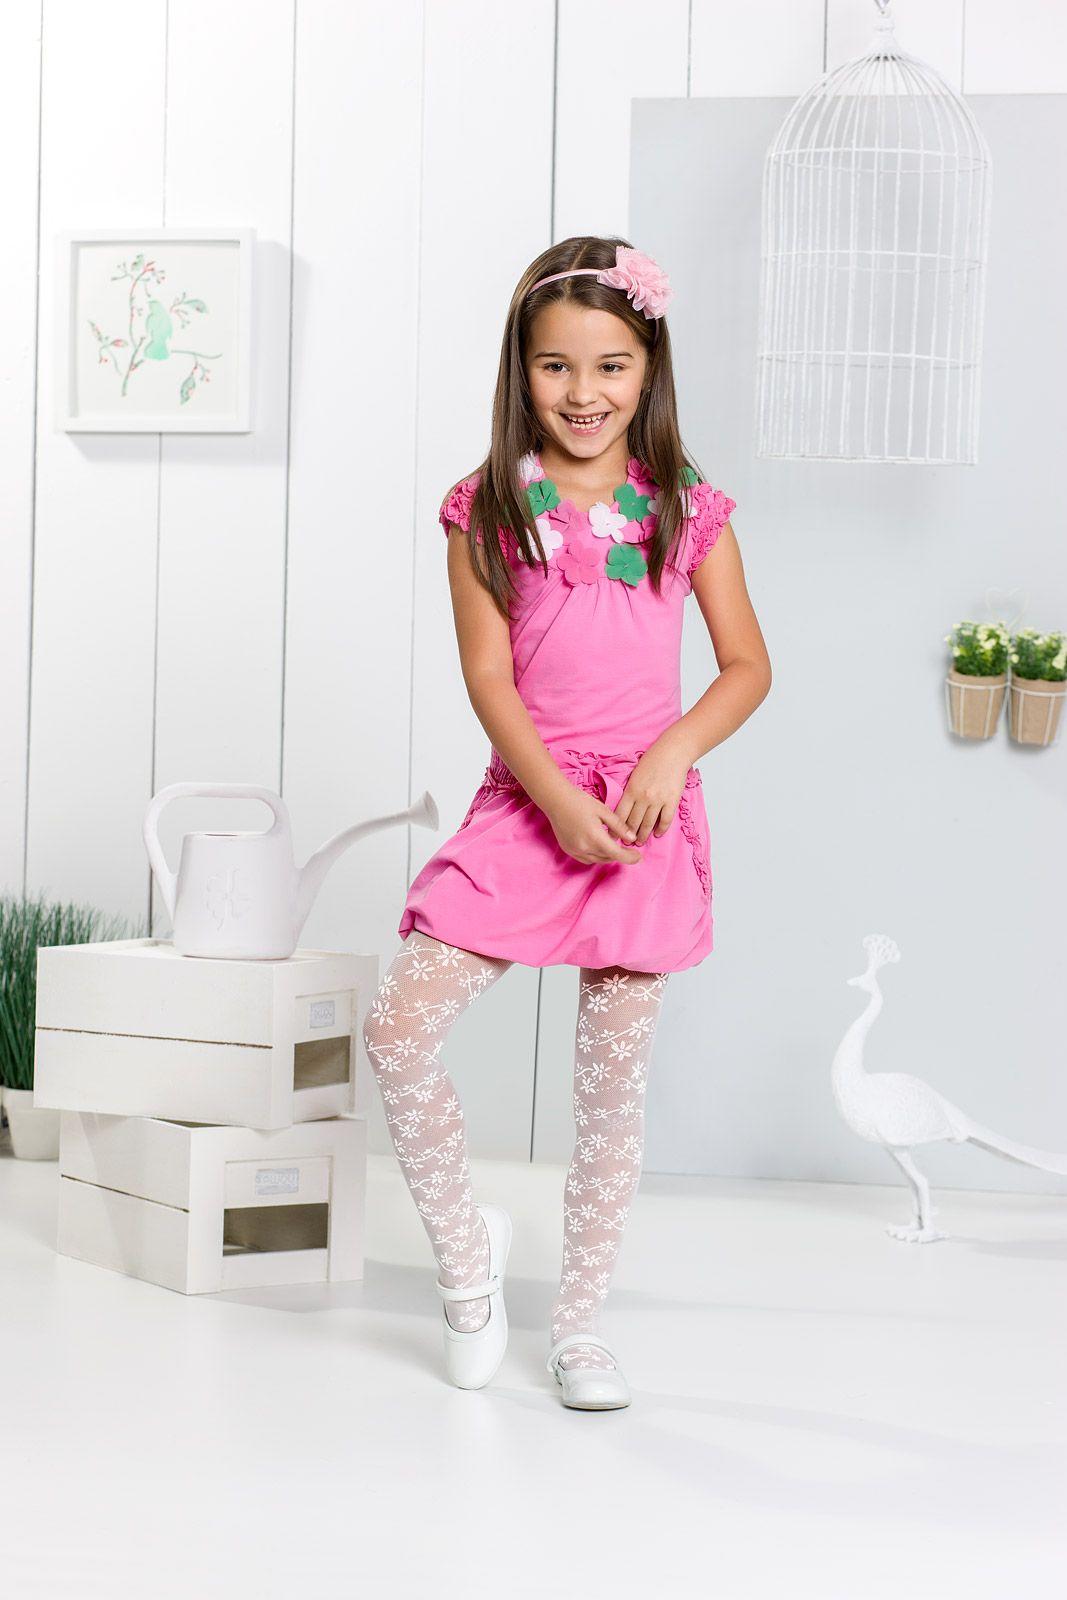 Ninka 01 tights kids girl patterned flowers spring summer spring summer collection for - Monalisa moda infantil ...